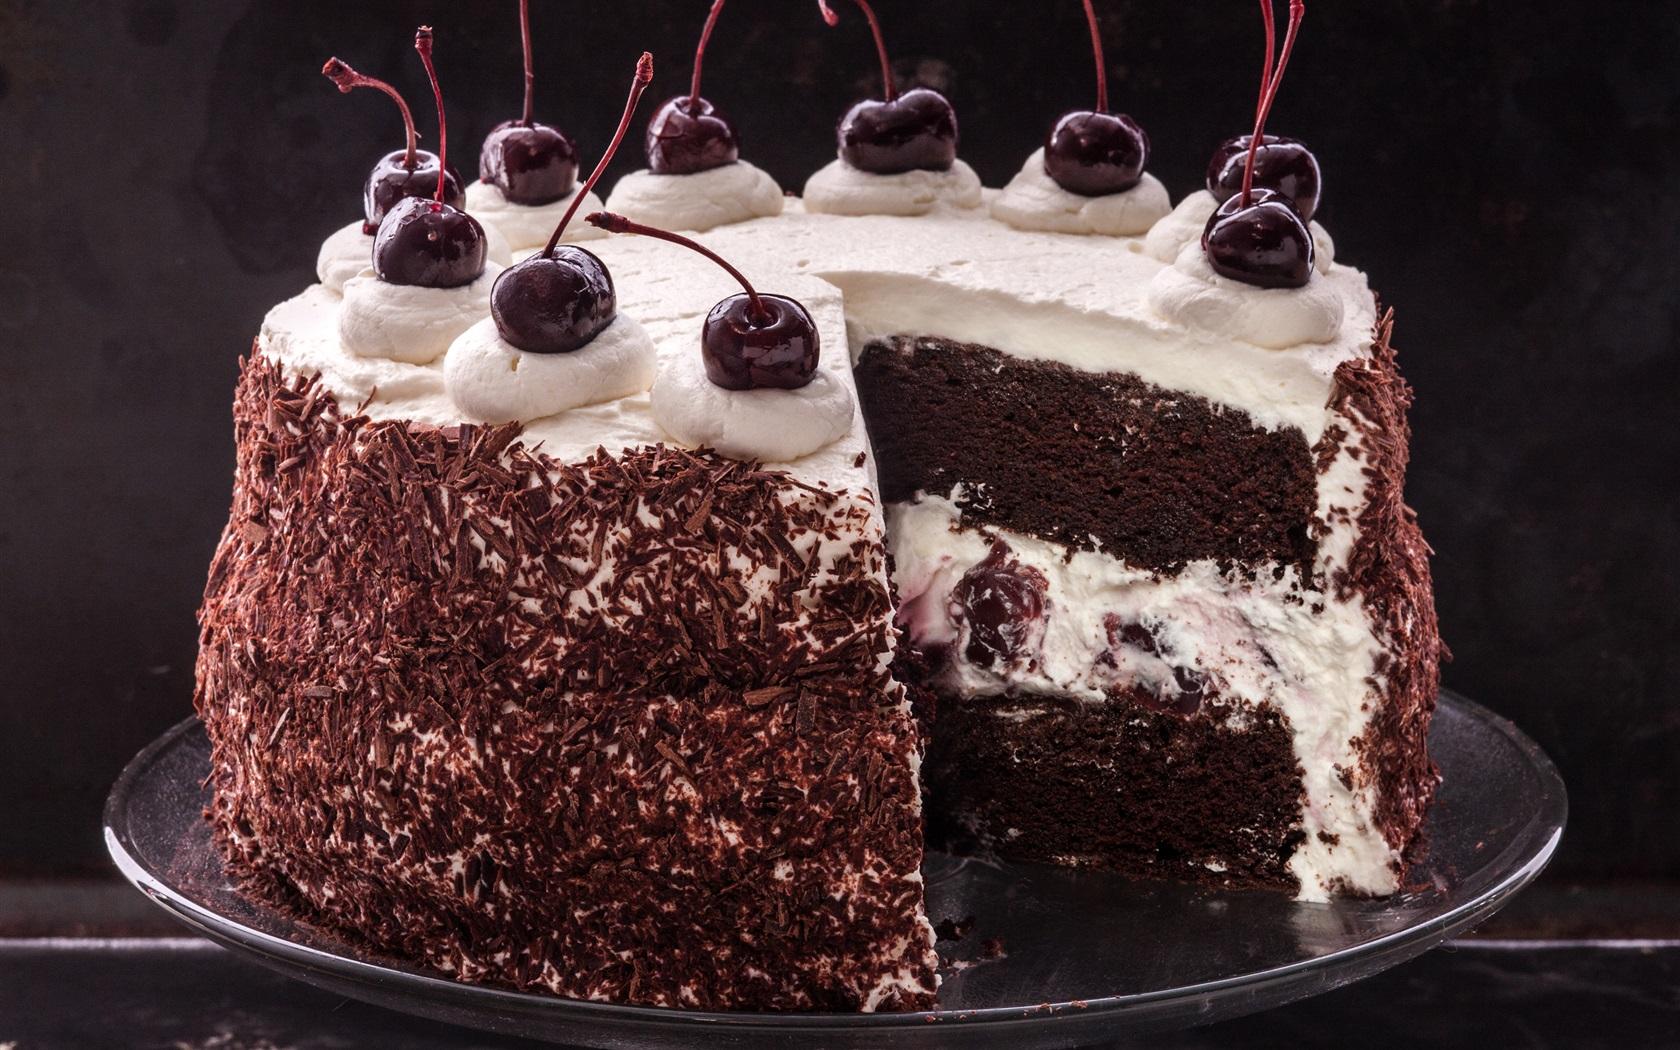 黑森林蛋糕,巧克力,樱桃 壁纸图片